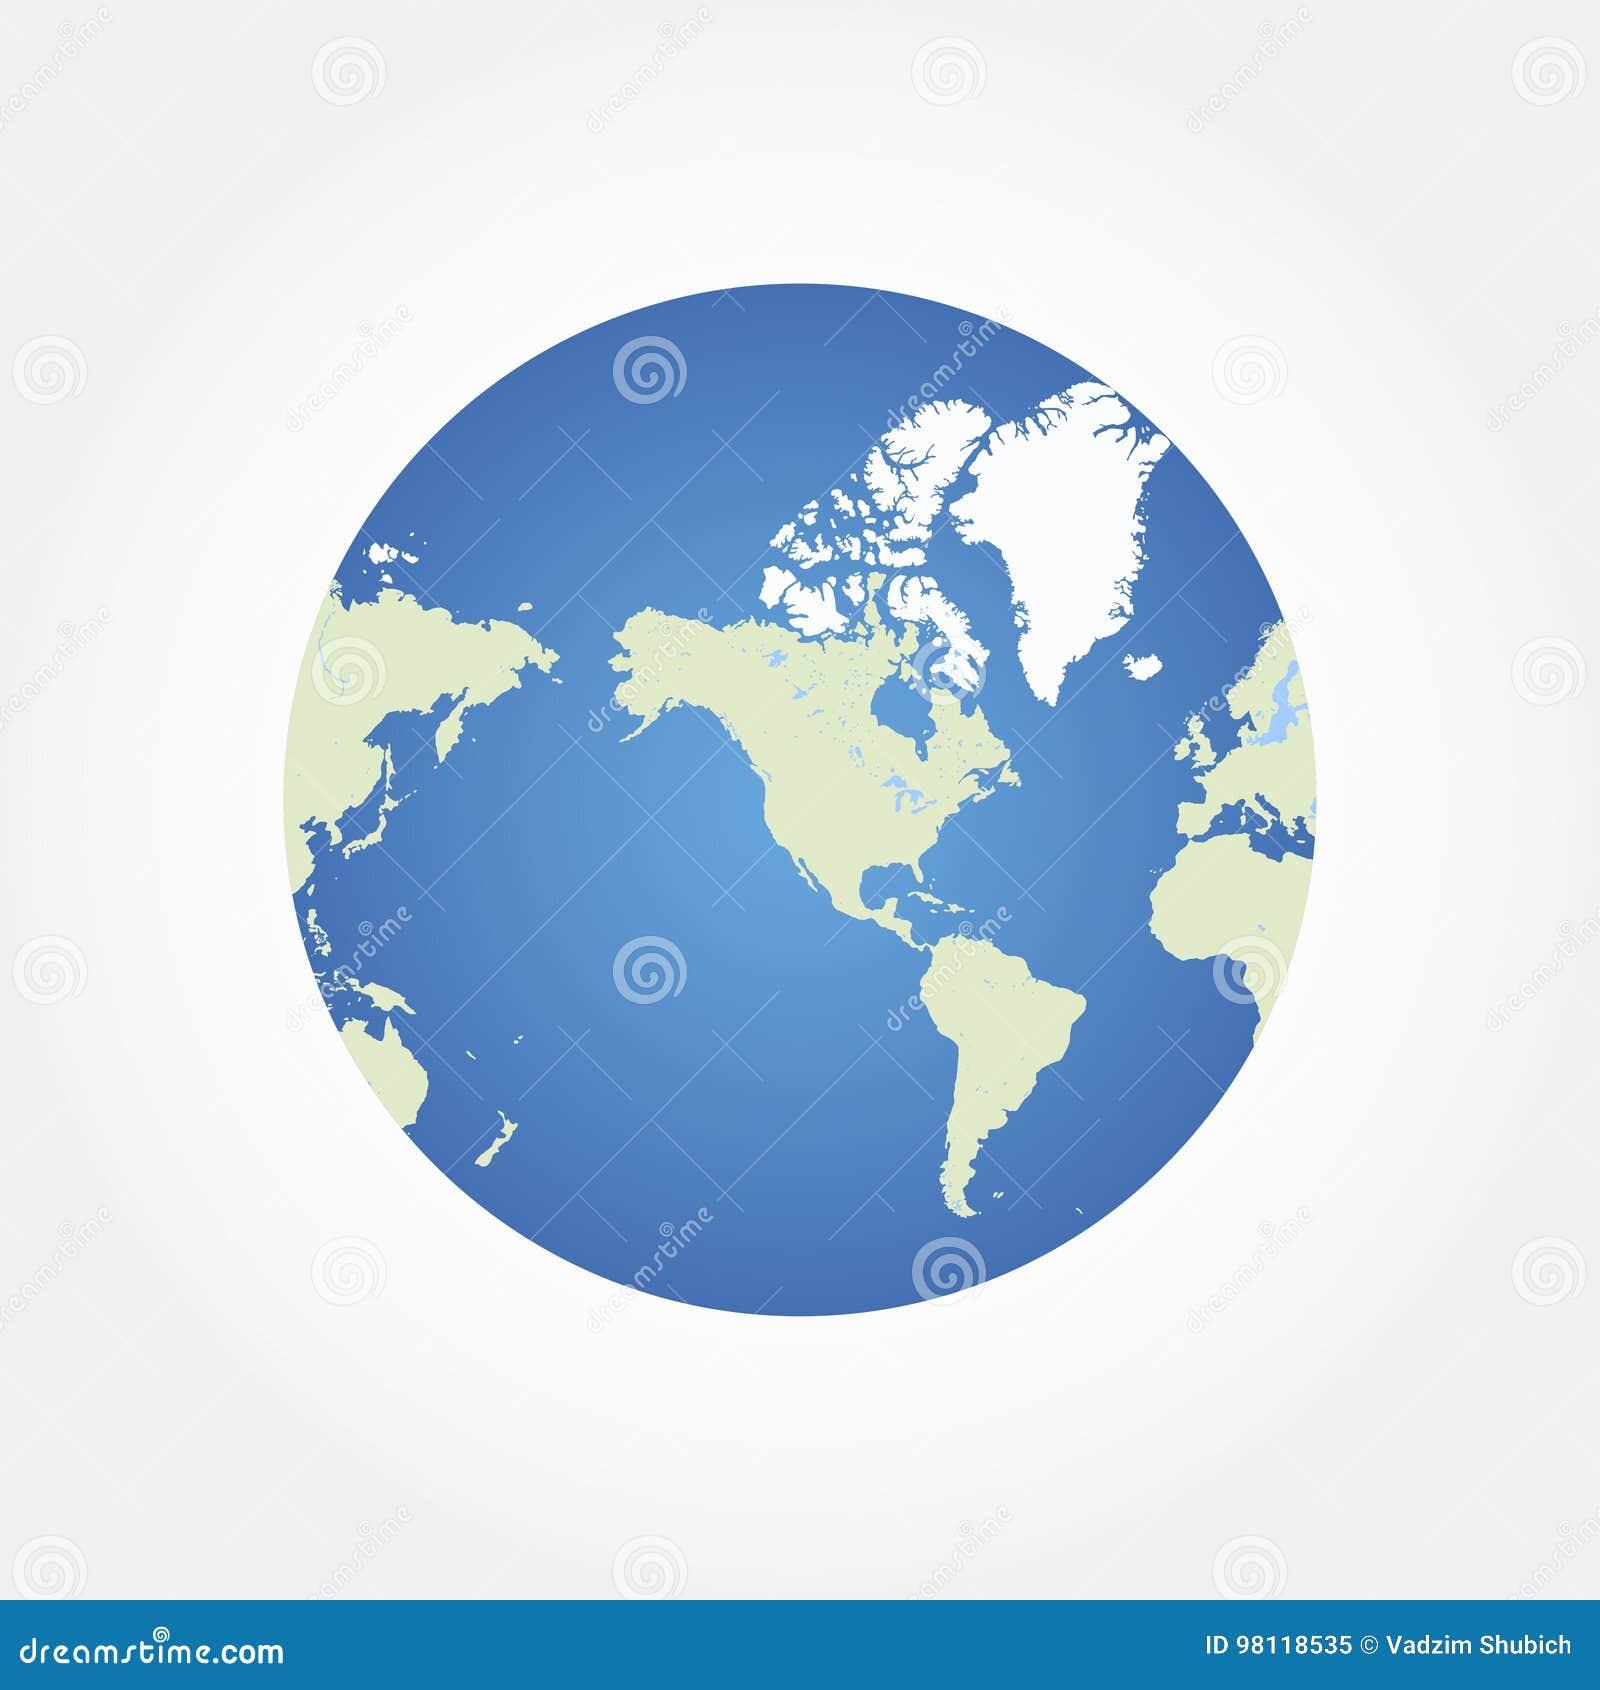 Round Globe World Map. Flat Illustration EPS 10 Stock Illustration ...